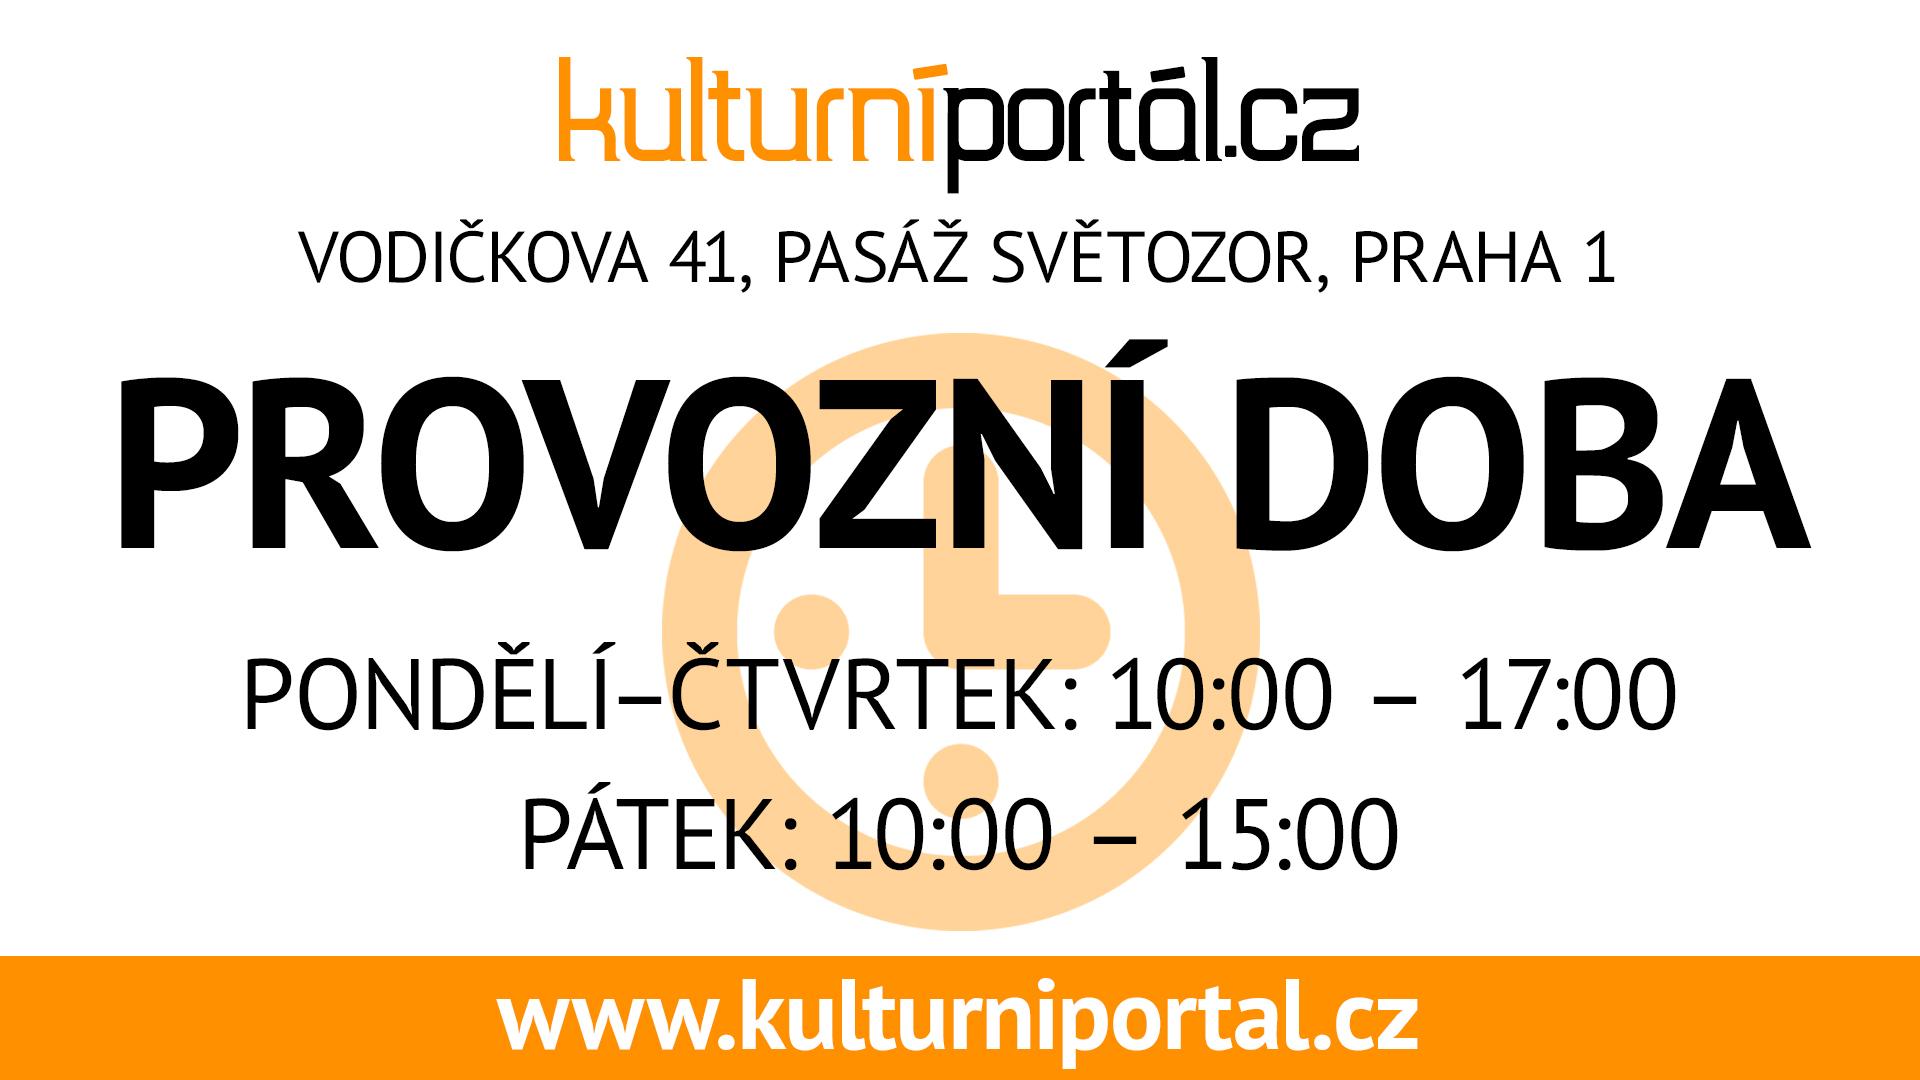 Provozní doba pondělí - čtvrtek 10:00 - 17:00, pátek 10:00 -15:00